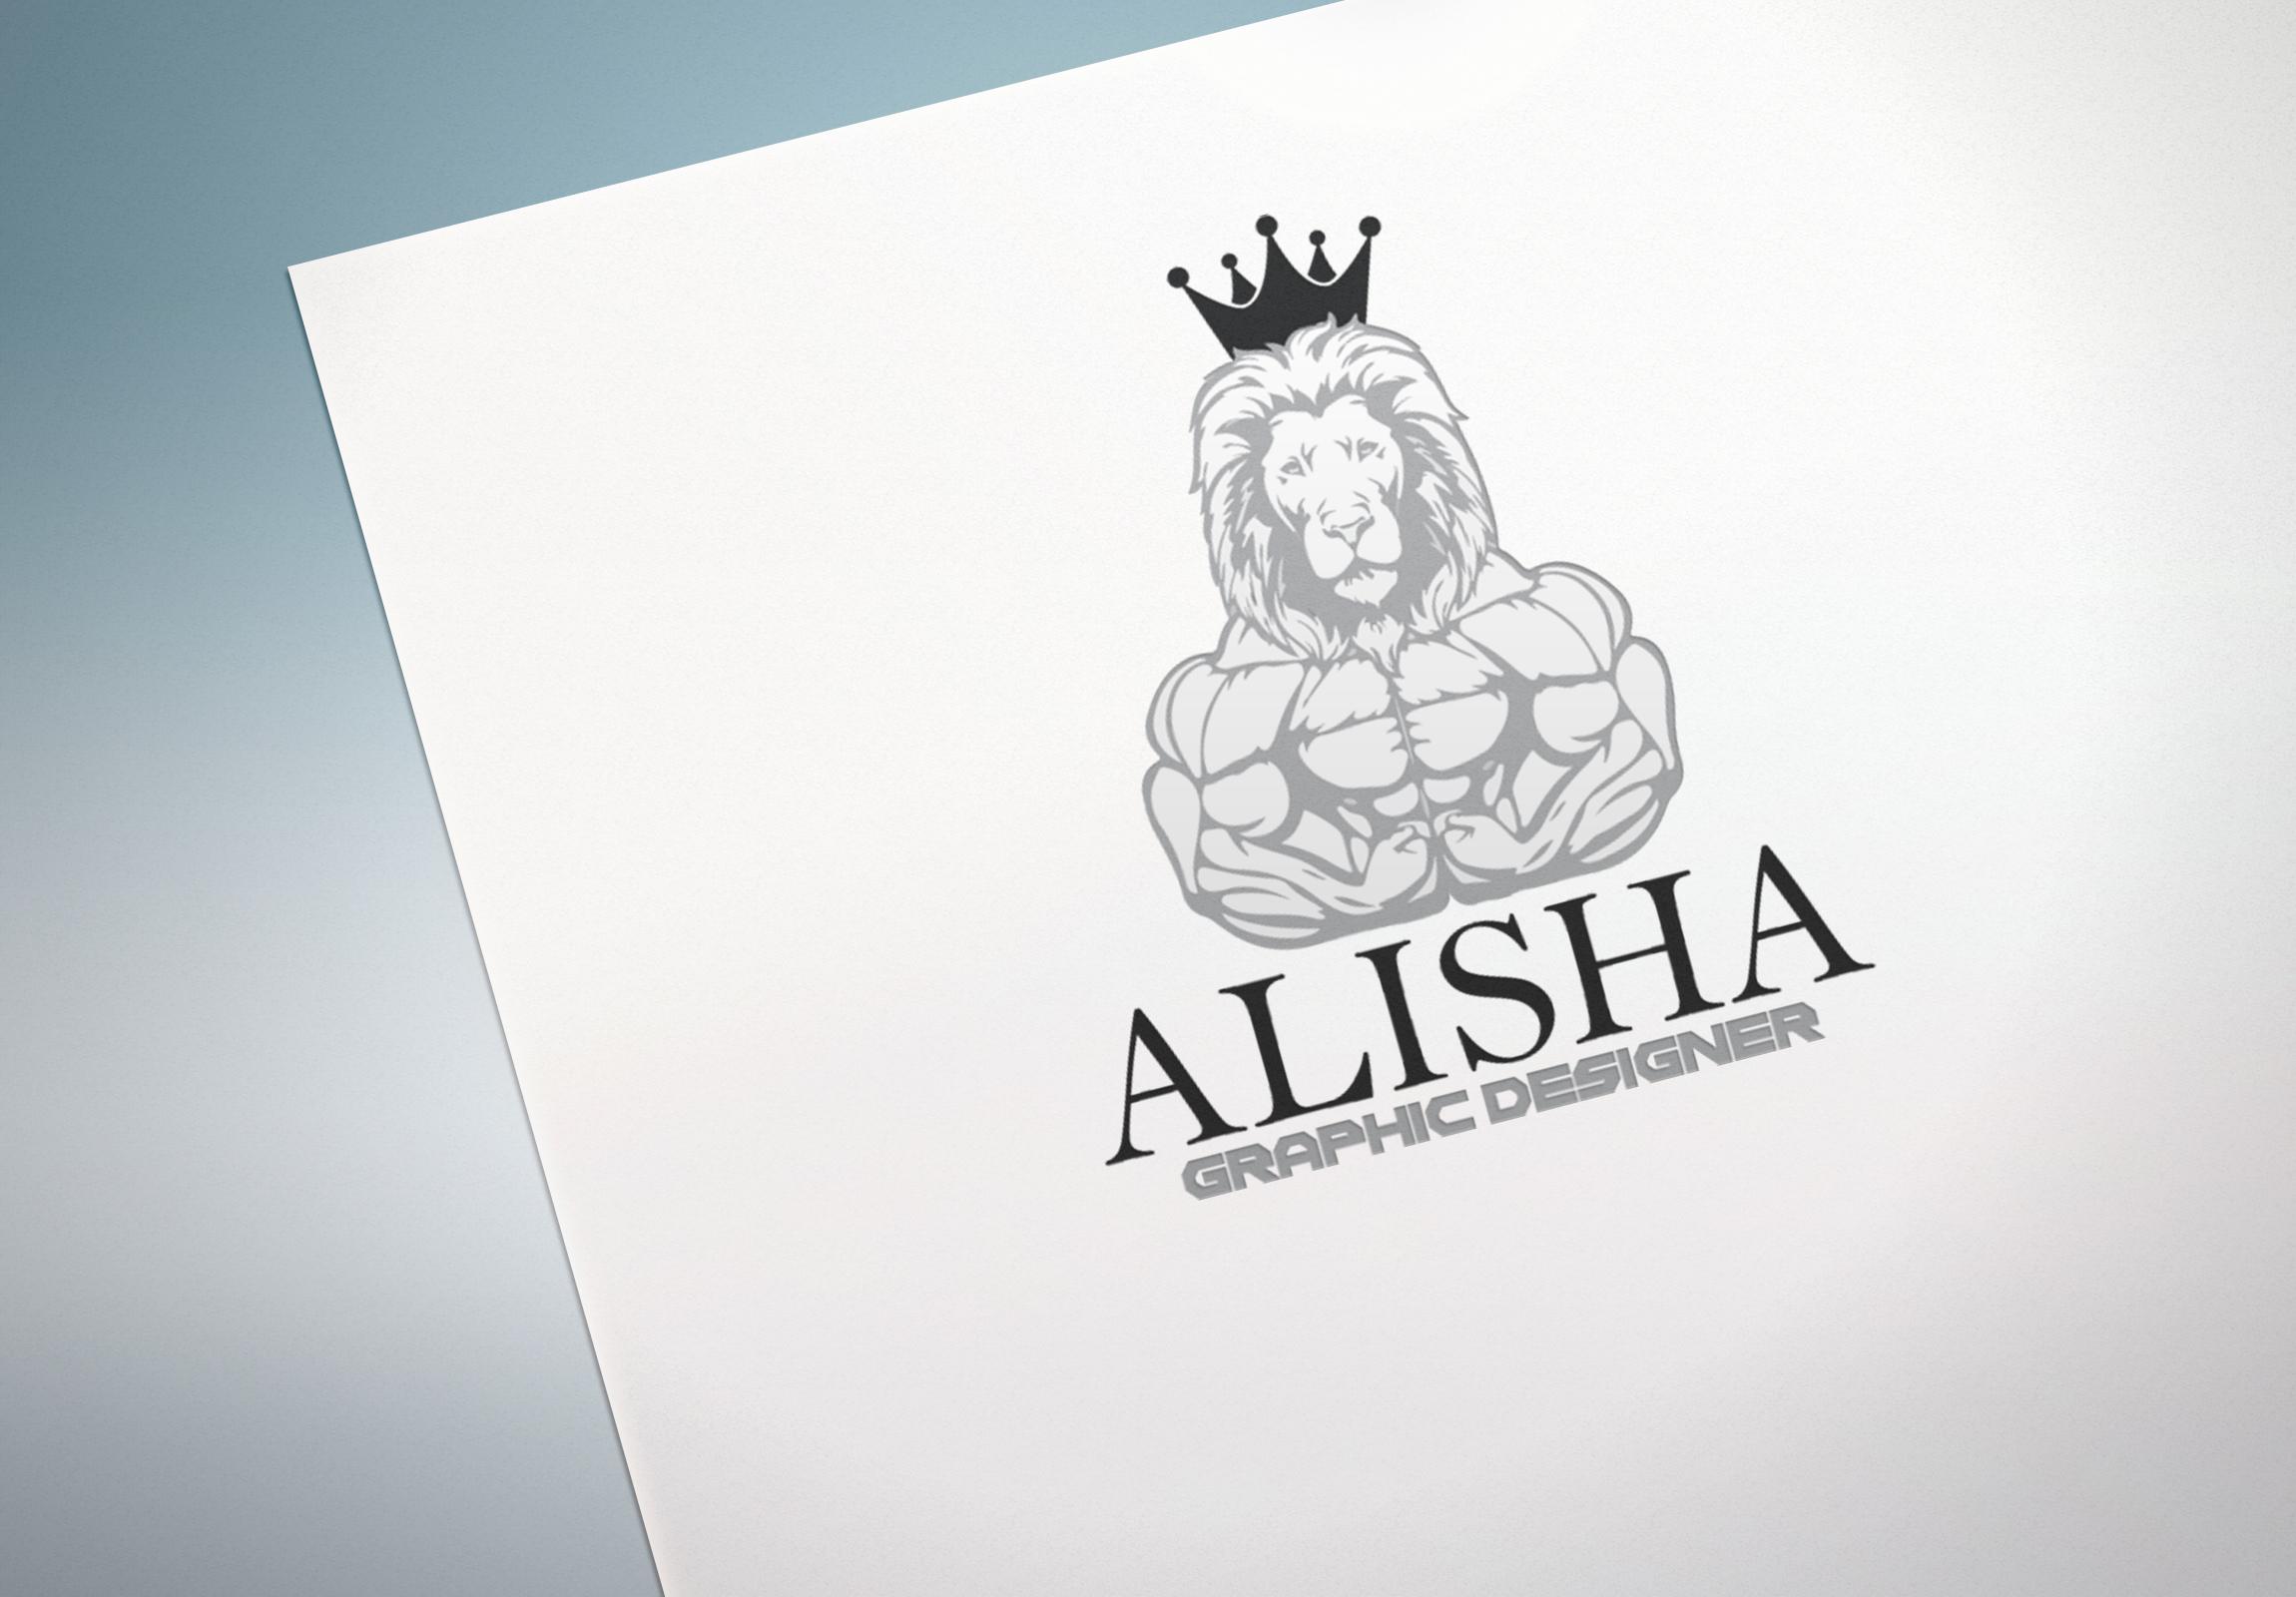 i-am-professional-graphic-designer-and-logo-designer